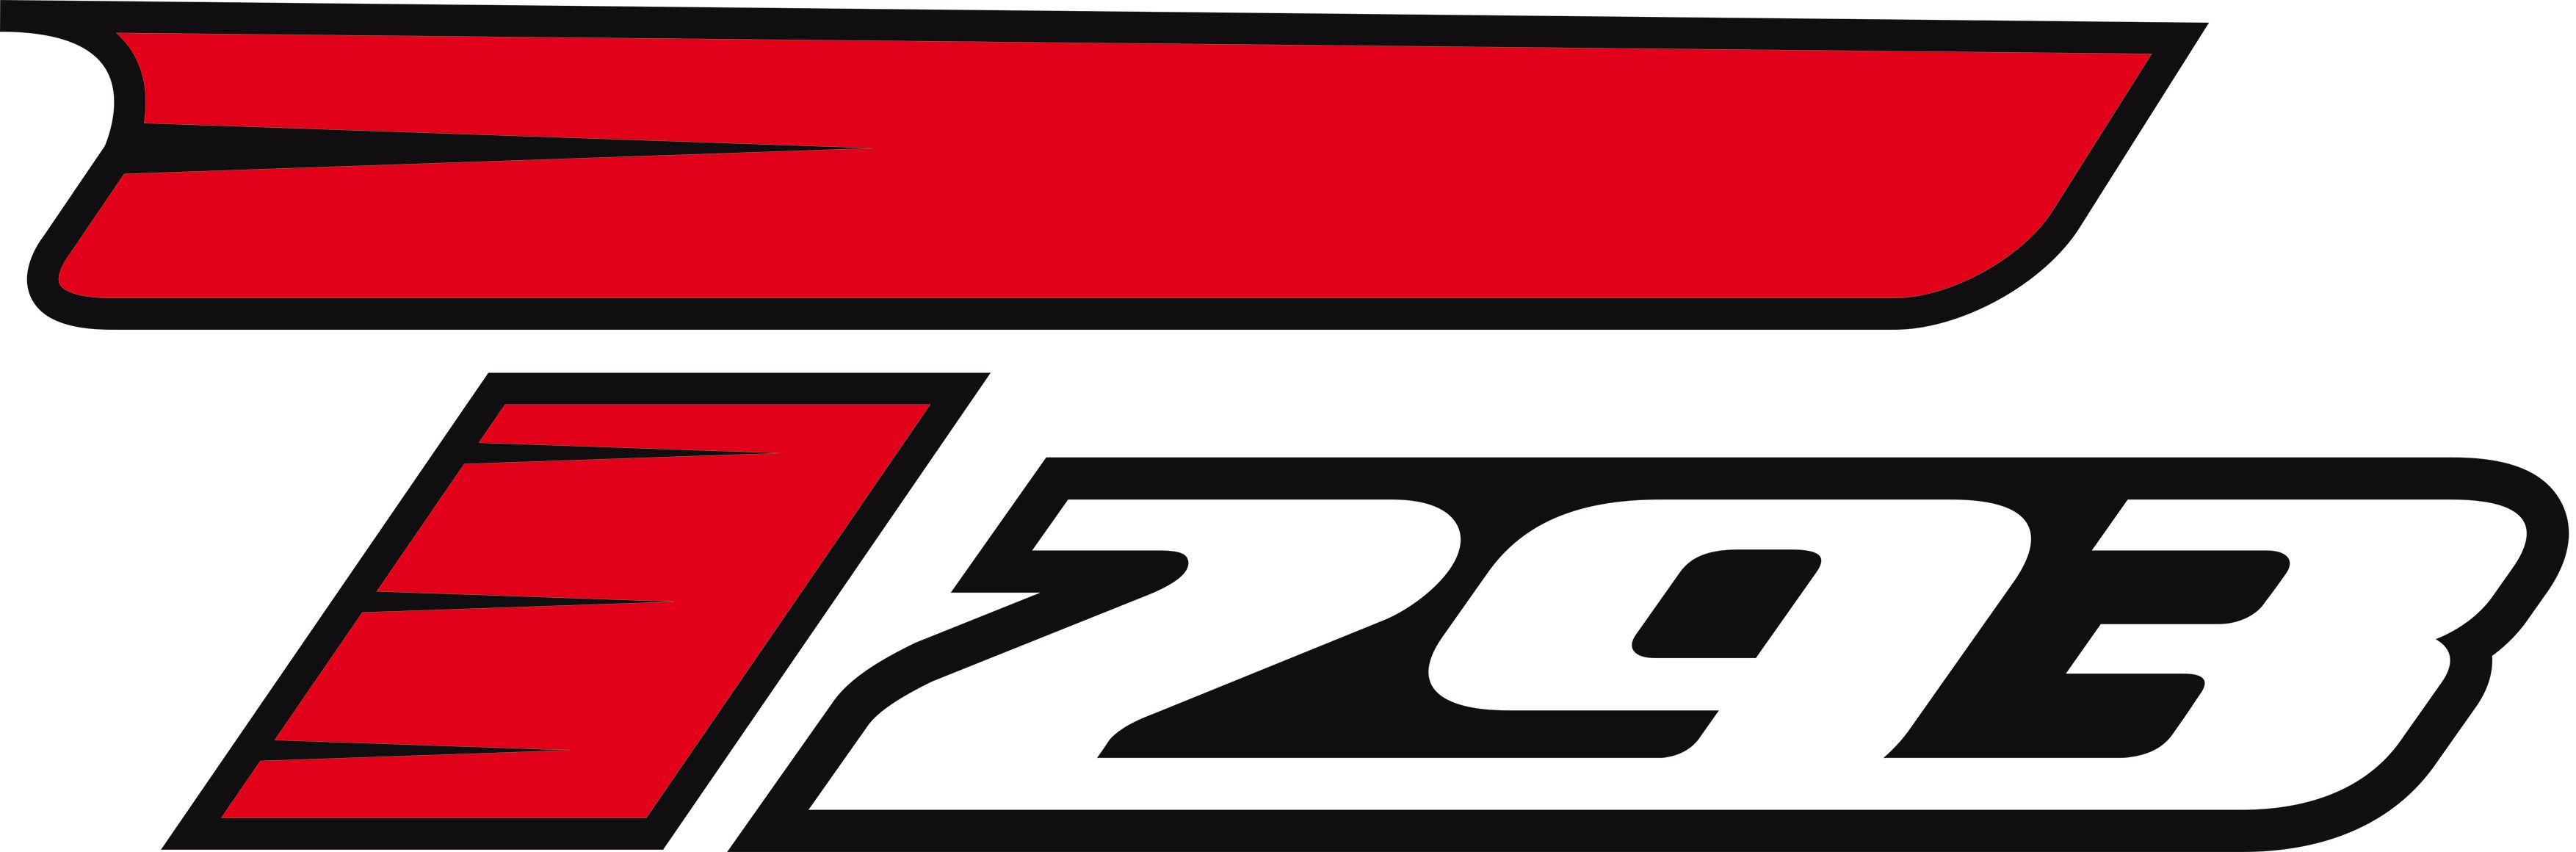 T293_Logo-HR.jpg